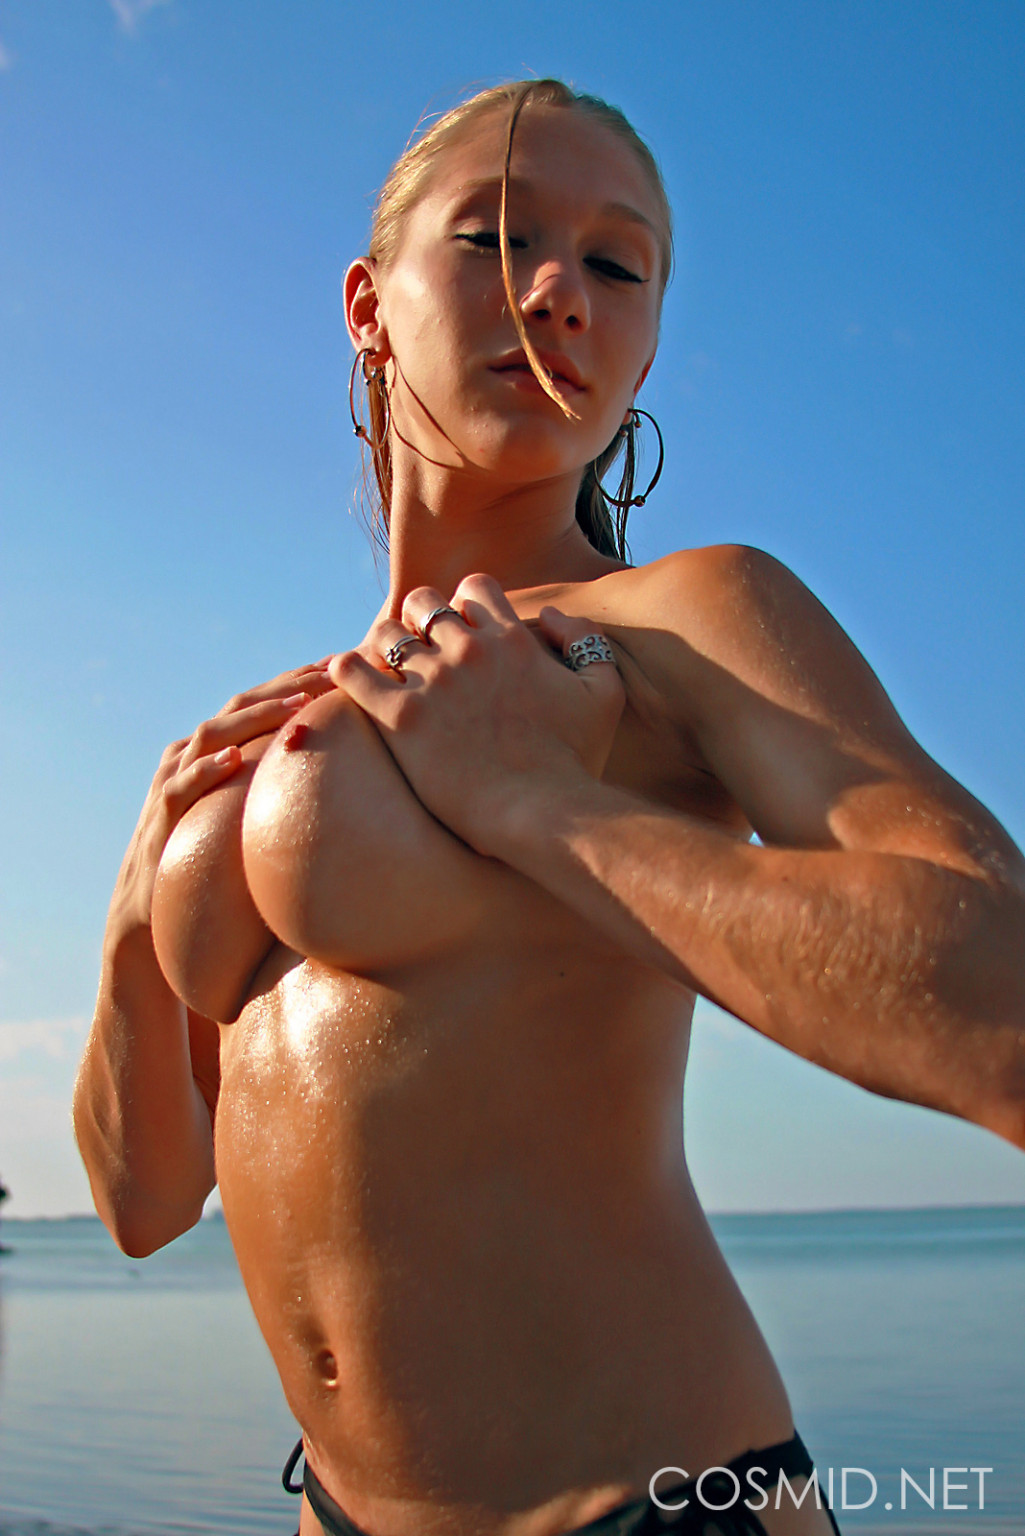 Светловолосая фитоняшка показывает хорошие сиськи на пляже